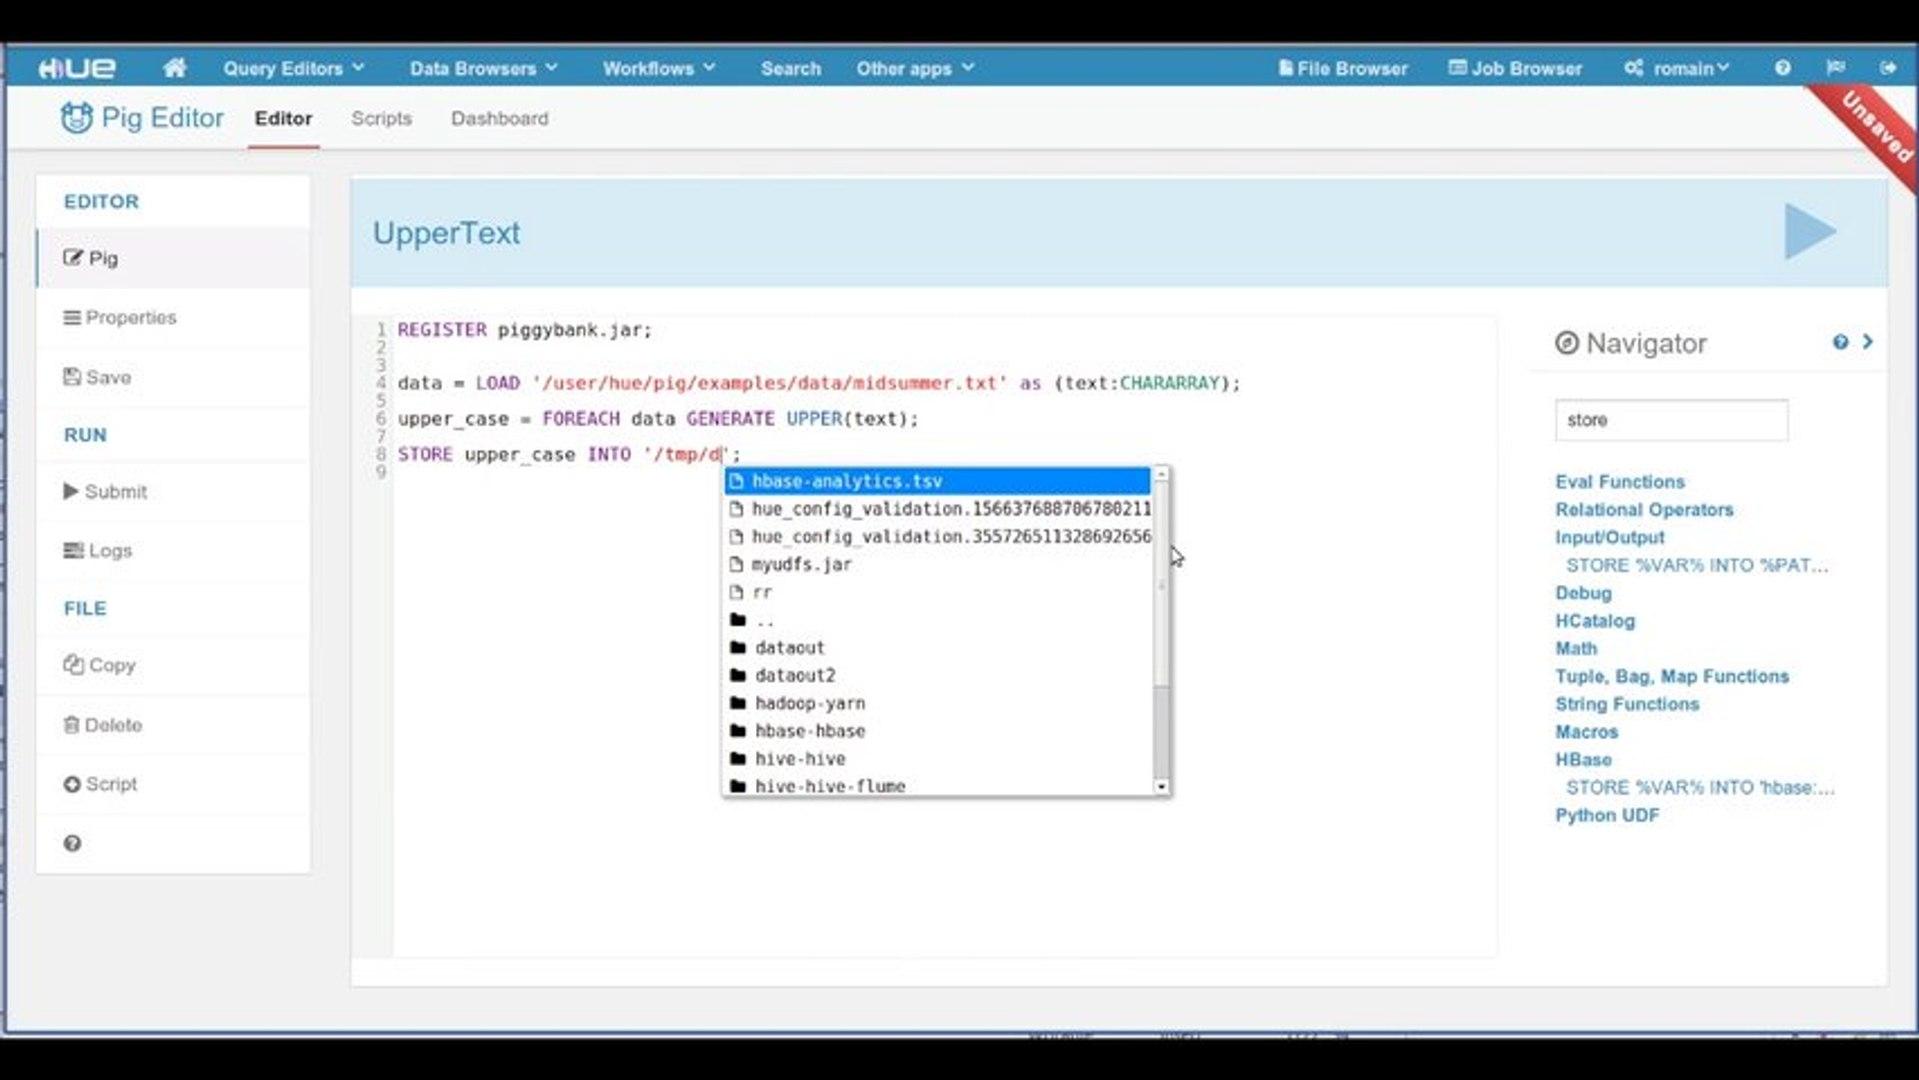 Hadoop Tutorial - The new Pig Editor Navigator in Hue